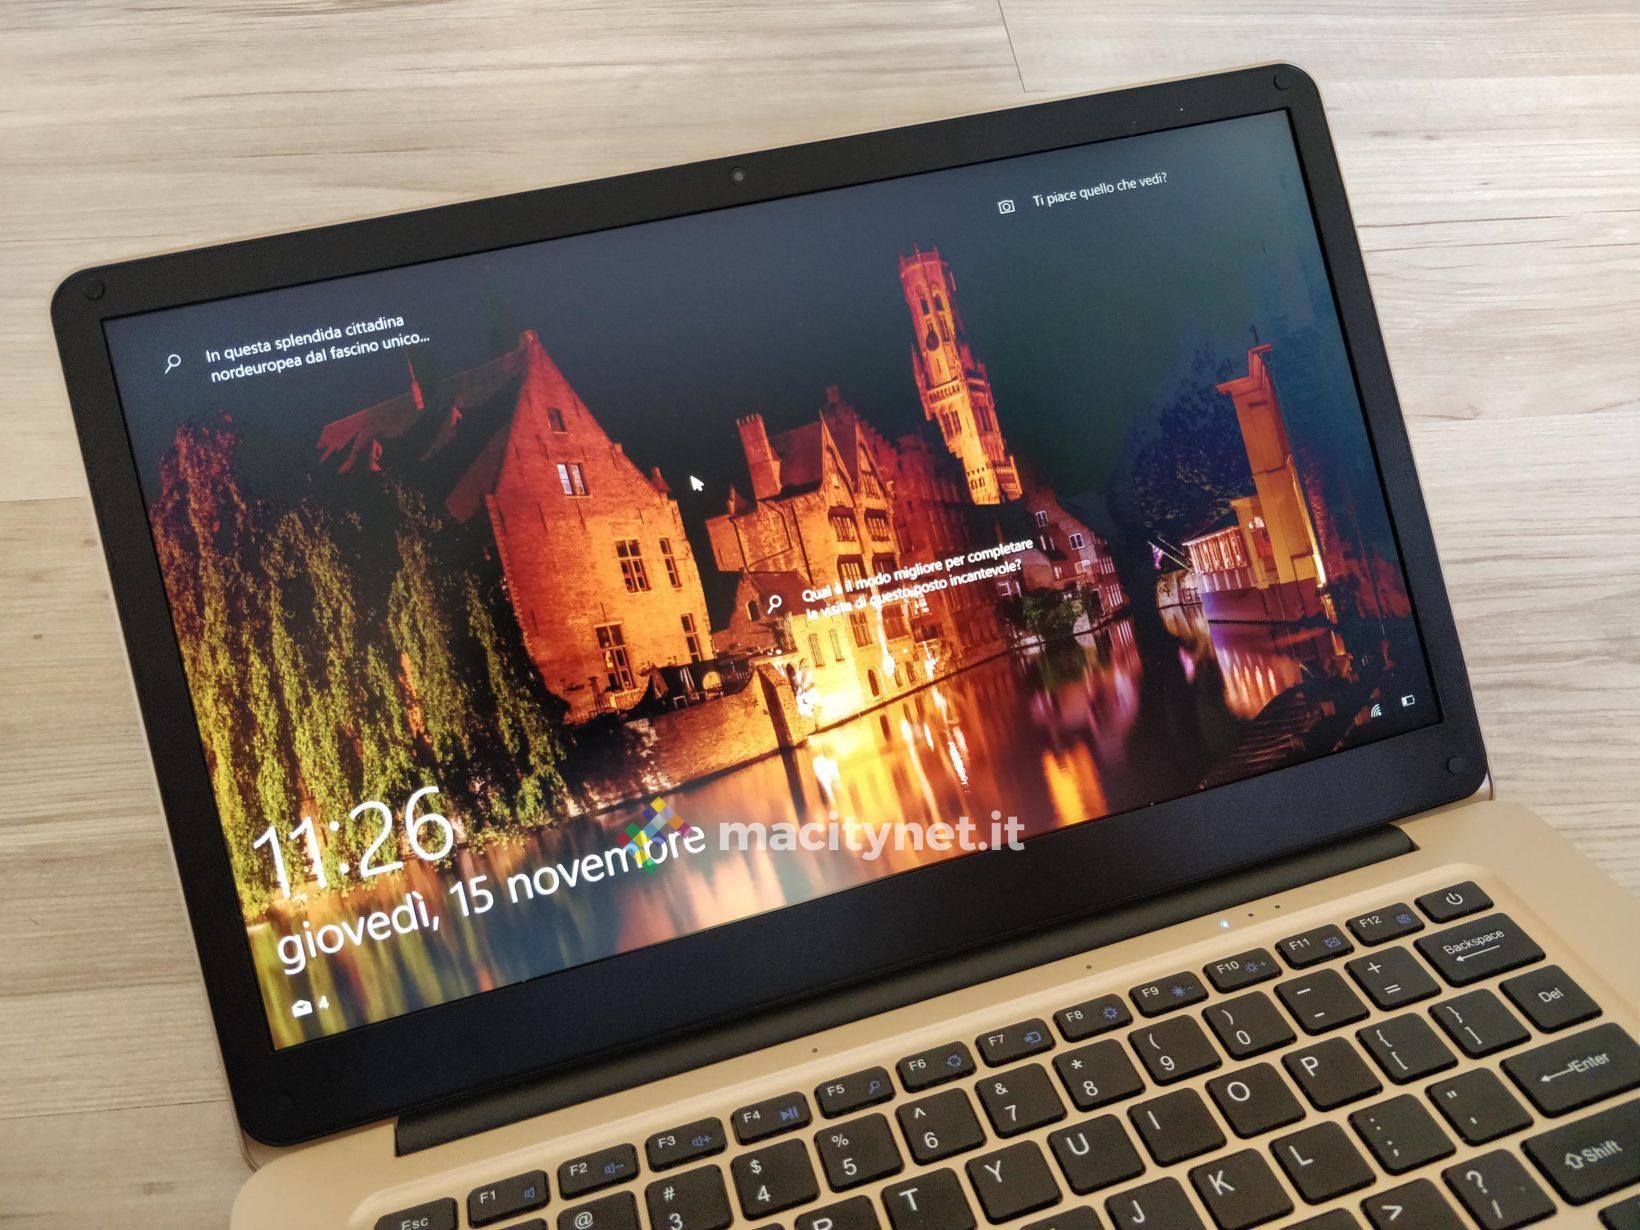 Recensione Onda Xiaoma 41, aspetto raffinato prestazioni accettabili